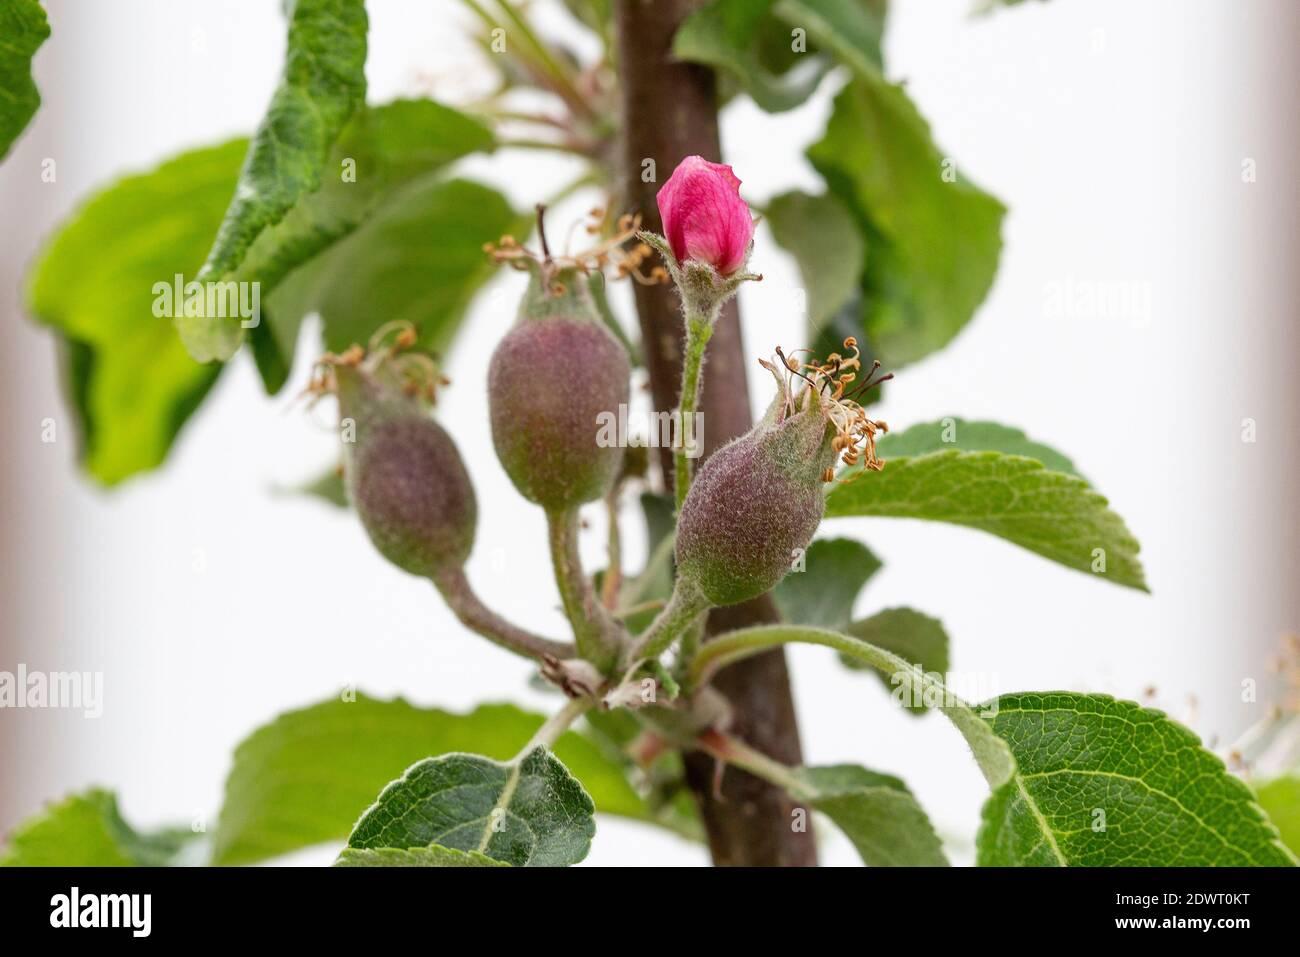 Apfel, Blüte und Fruchtansatz Stock Photo